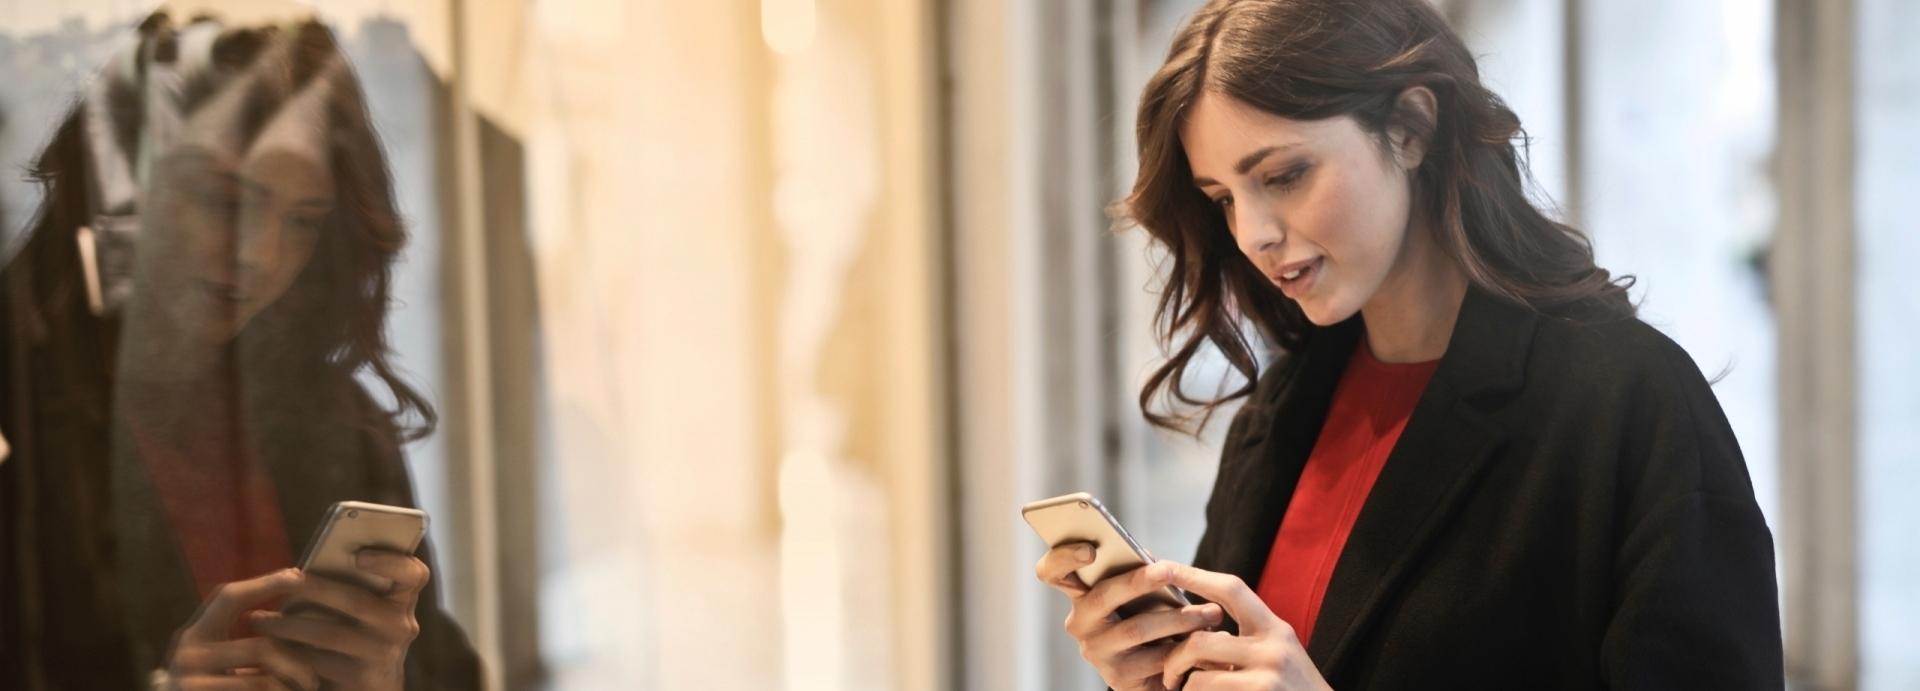 Vrouw ontvangt gepersonaliseerde aanbieding door social WiFi